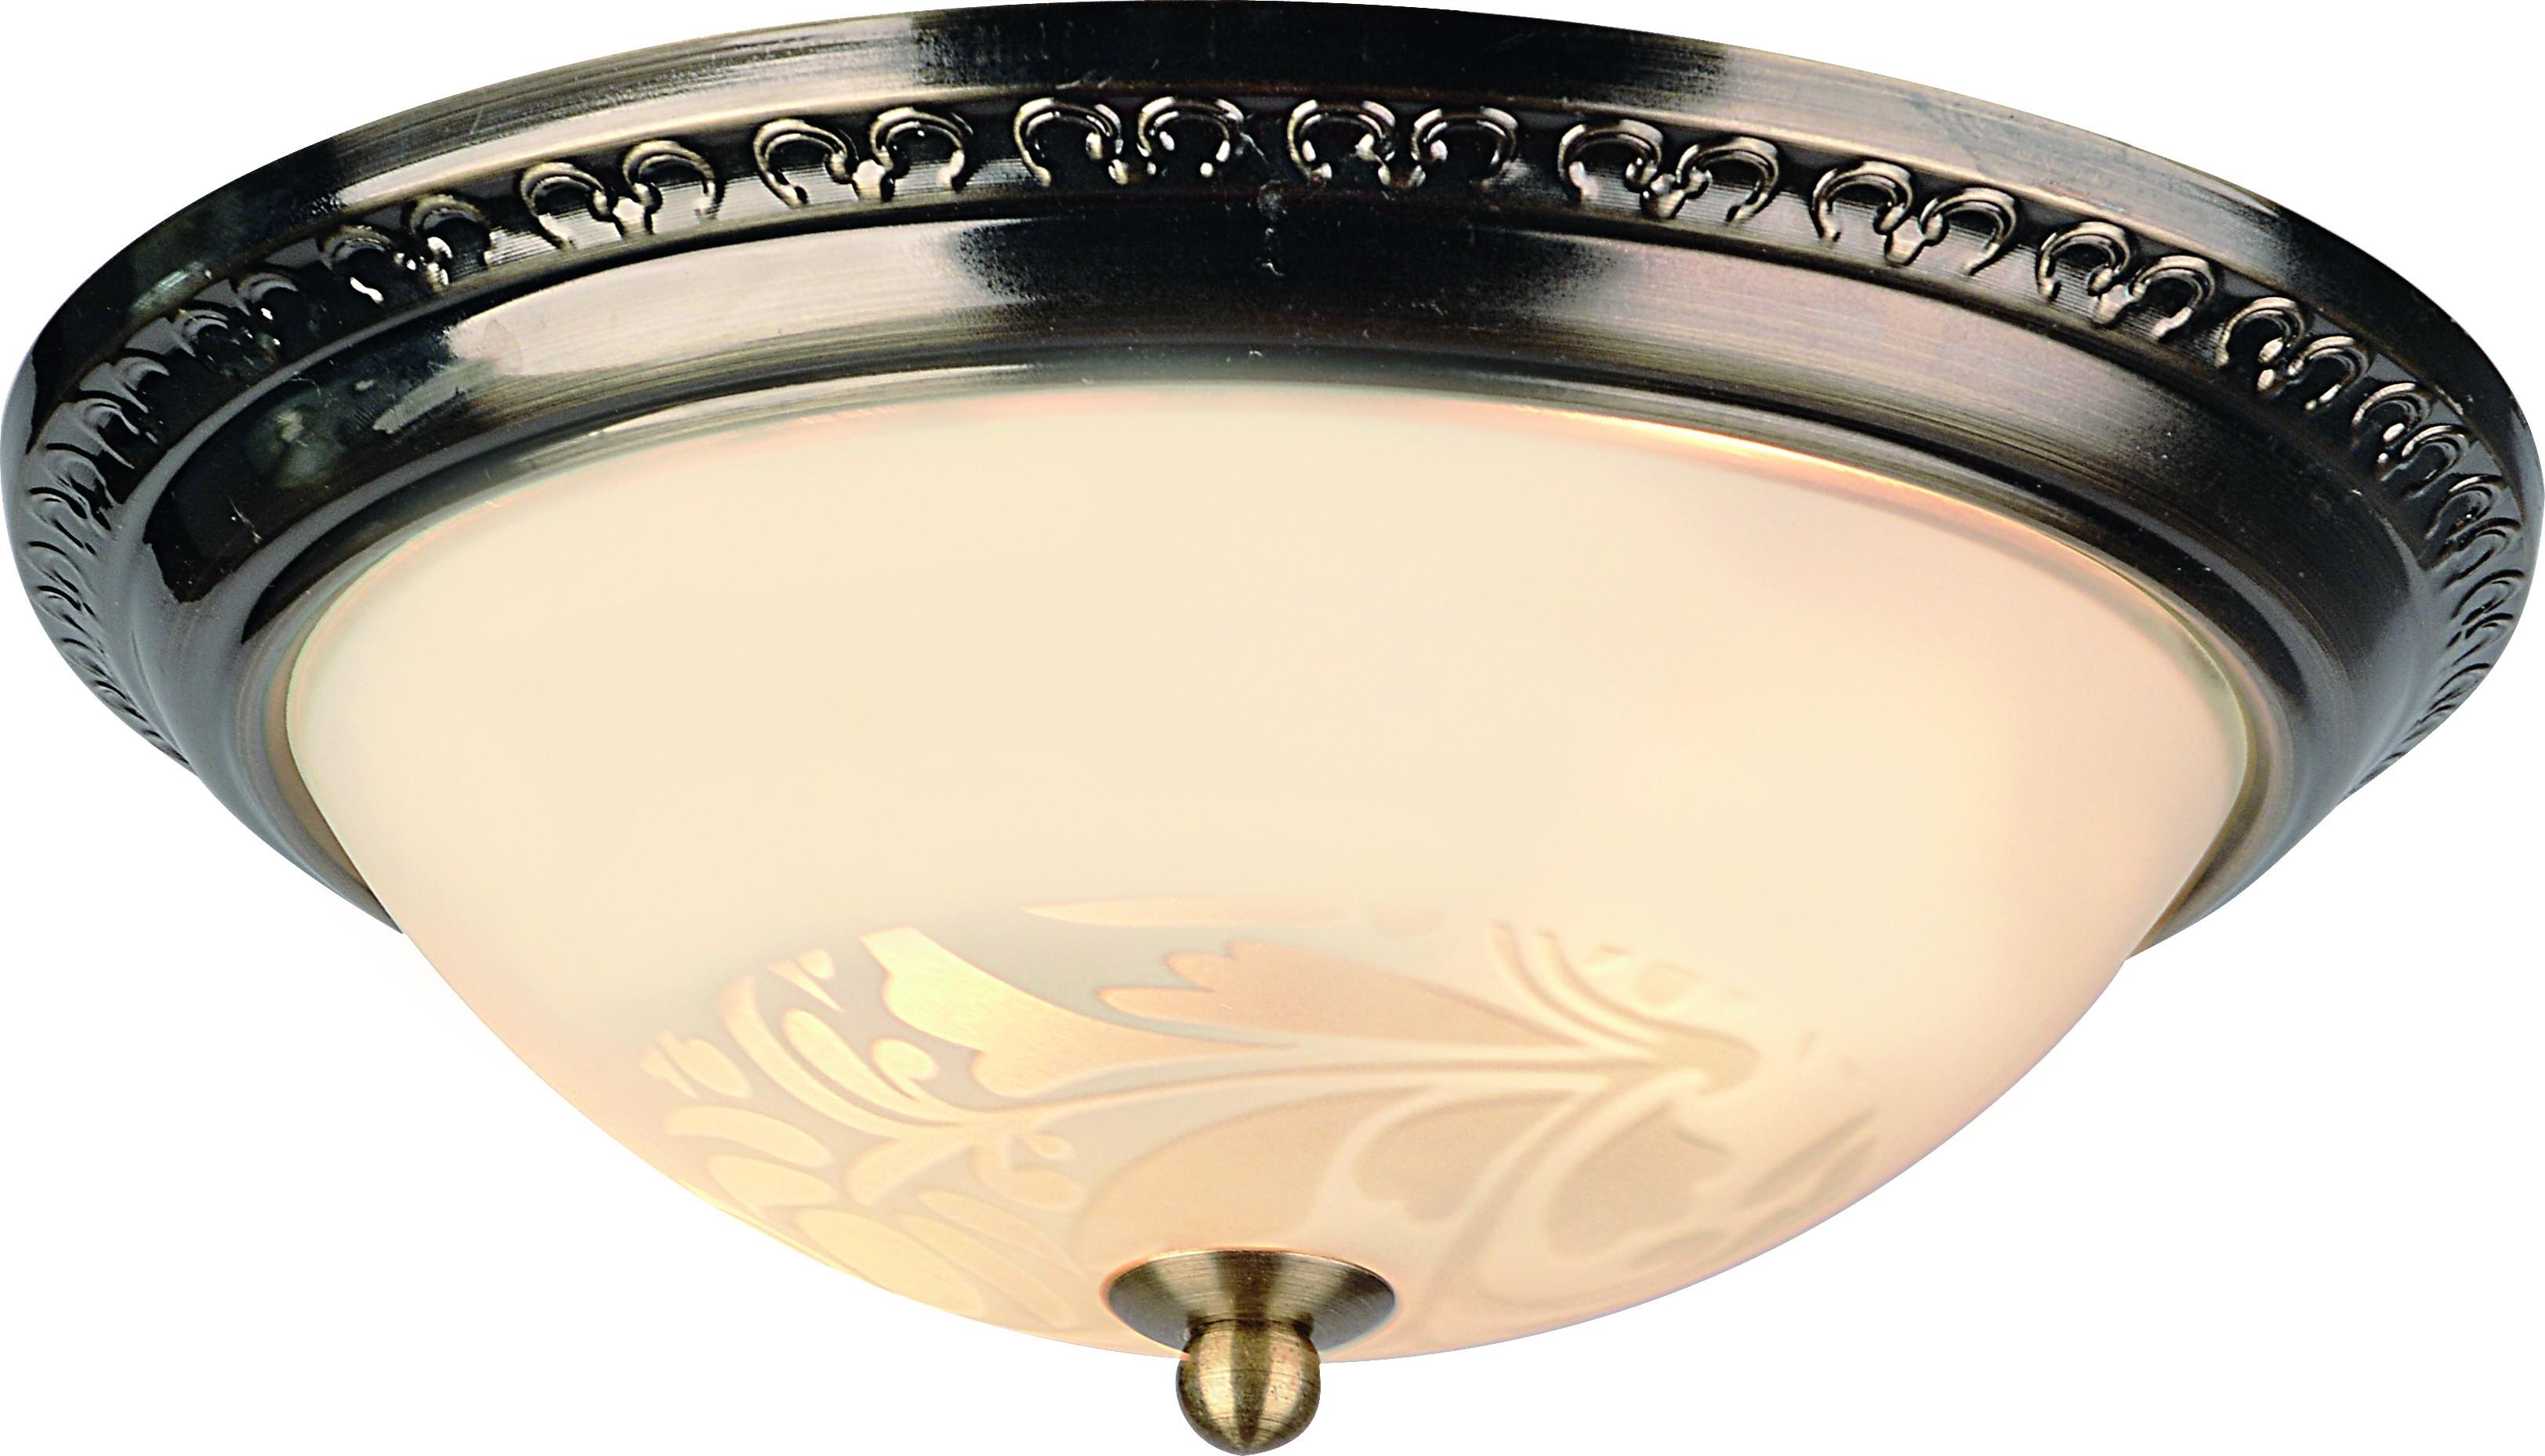 Люстра Arte lamp A3009pl-2ab